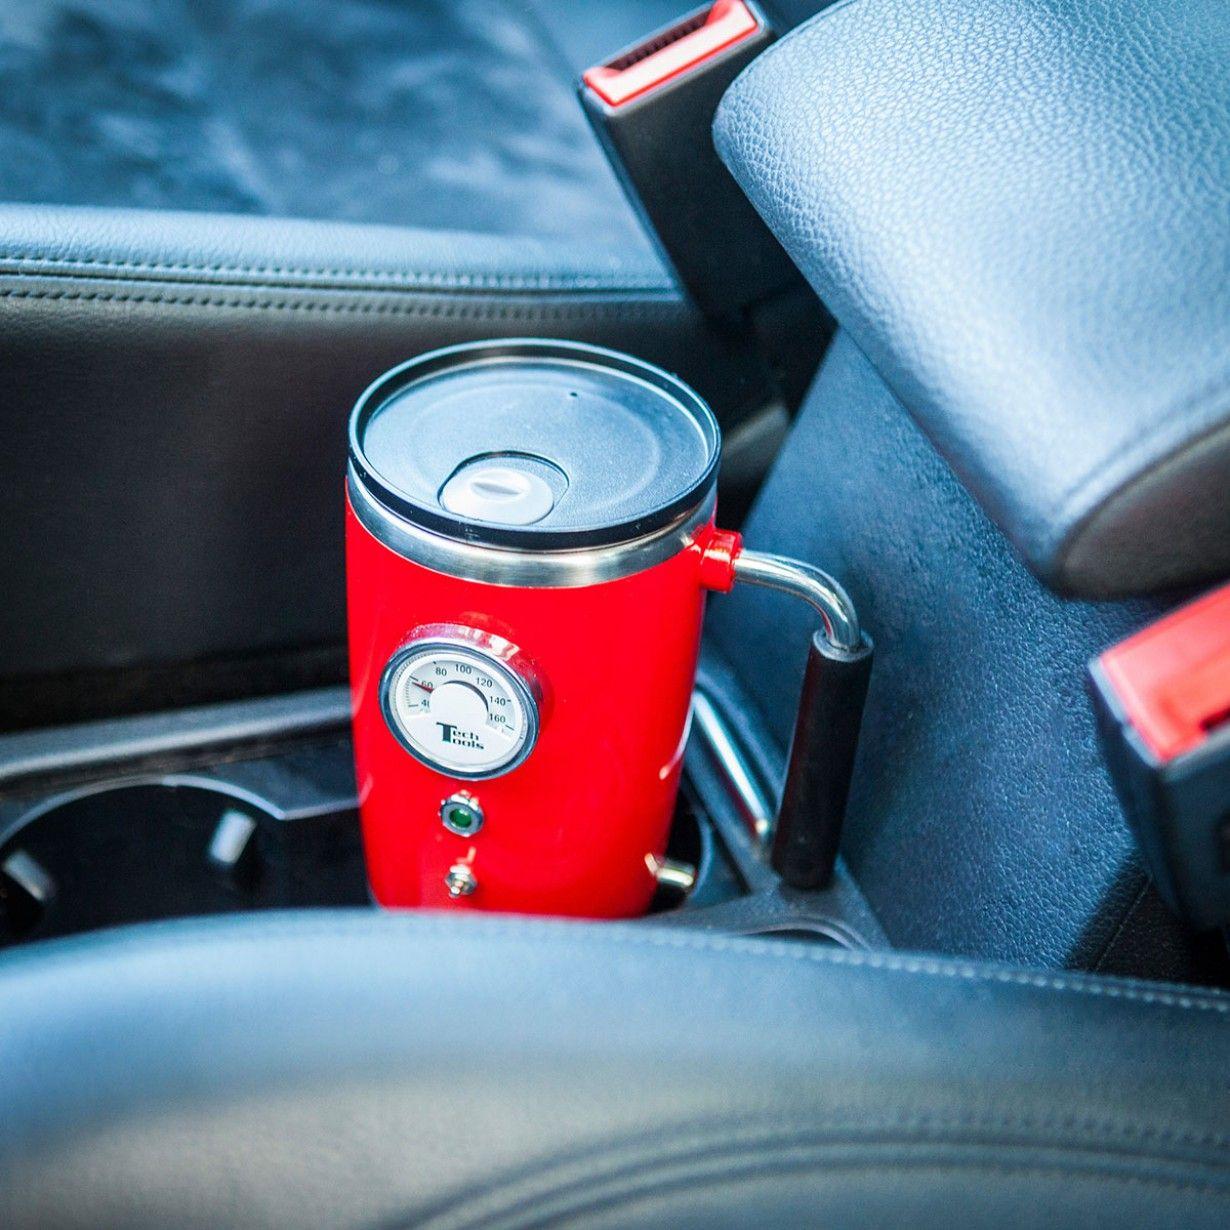 Der beheizte Retro Trinkbecher mit Temperaturanzeige ist dank Stromversorgung via Zigarettenanzünder das ideale Zubehör für unterwegs - Italien-Style.